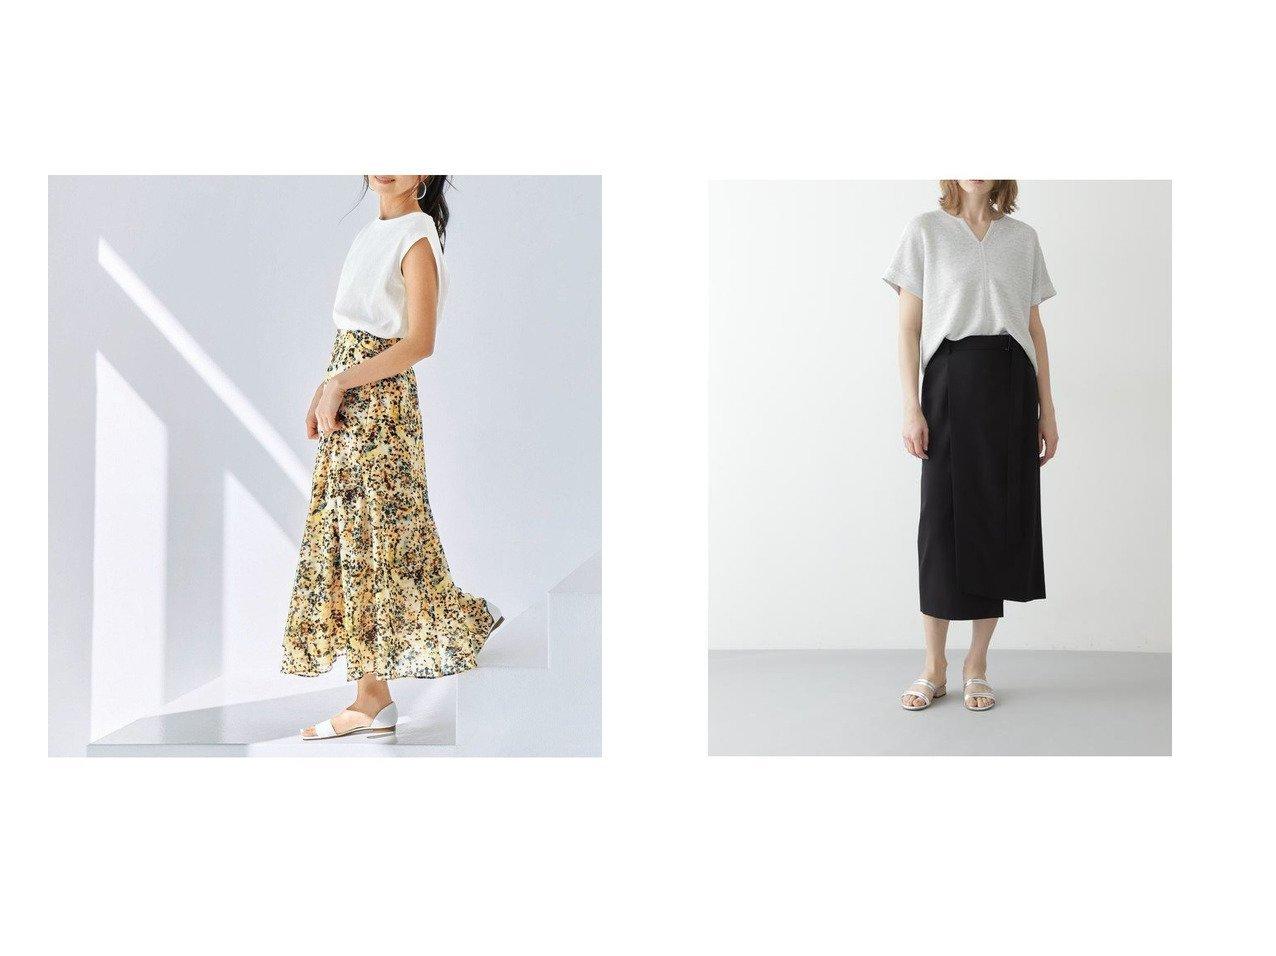 【BOSCH/ボッシュ】のVISハイツイストセットアップスカート&【KUMIKYOKU/組曲】の【KMKK】ニュアンスフラワープリント スカート 【スカート】おすすめ!人気、トレンド・レディースファッションの通販 おすすめで人気の流行・トレンド、ファッションの通販商品 インテリア・家具・メンズファッション・キッズファッション・レディースファッション・服の通販 founy(ファニー) https://founy.com/ ファッション Fashion レディースファッション WOMEN スカート Skirt セットアップ Setup スカート Skirt コンパクト セットアップ プリント ベーシック リラックス ロング 2021年 2021 S/S・春夏 SS・Spring/Summer 2021春夏・S/S SS/Spring/Summer/2021 送料無料 Free Shipping アシンメトリー イレギュラー スリム ヘムライン ラップ ワイド |ID:crp329100000044057